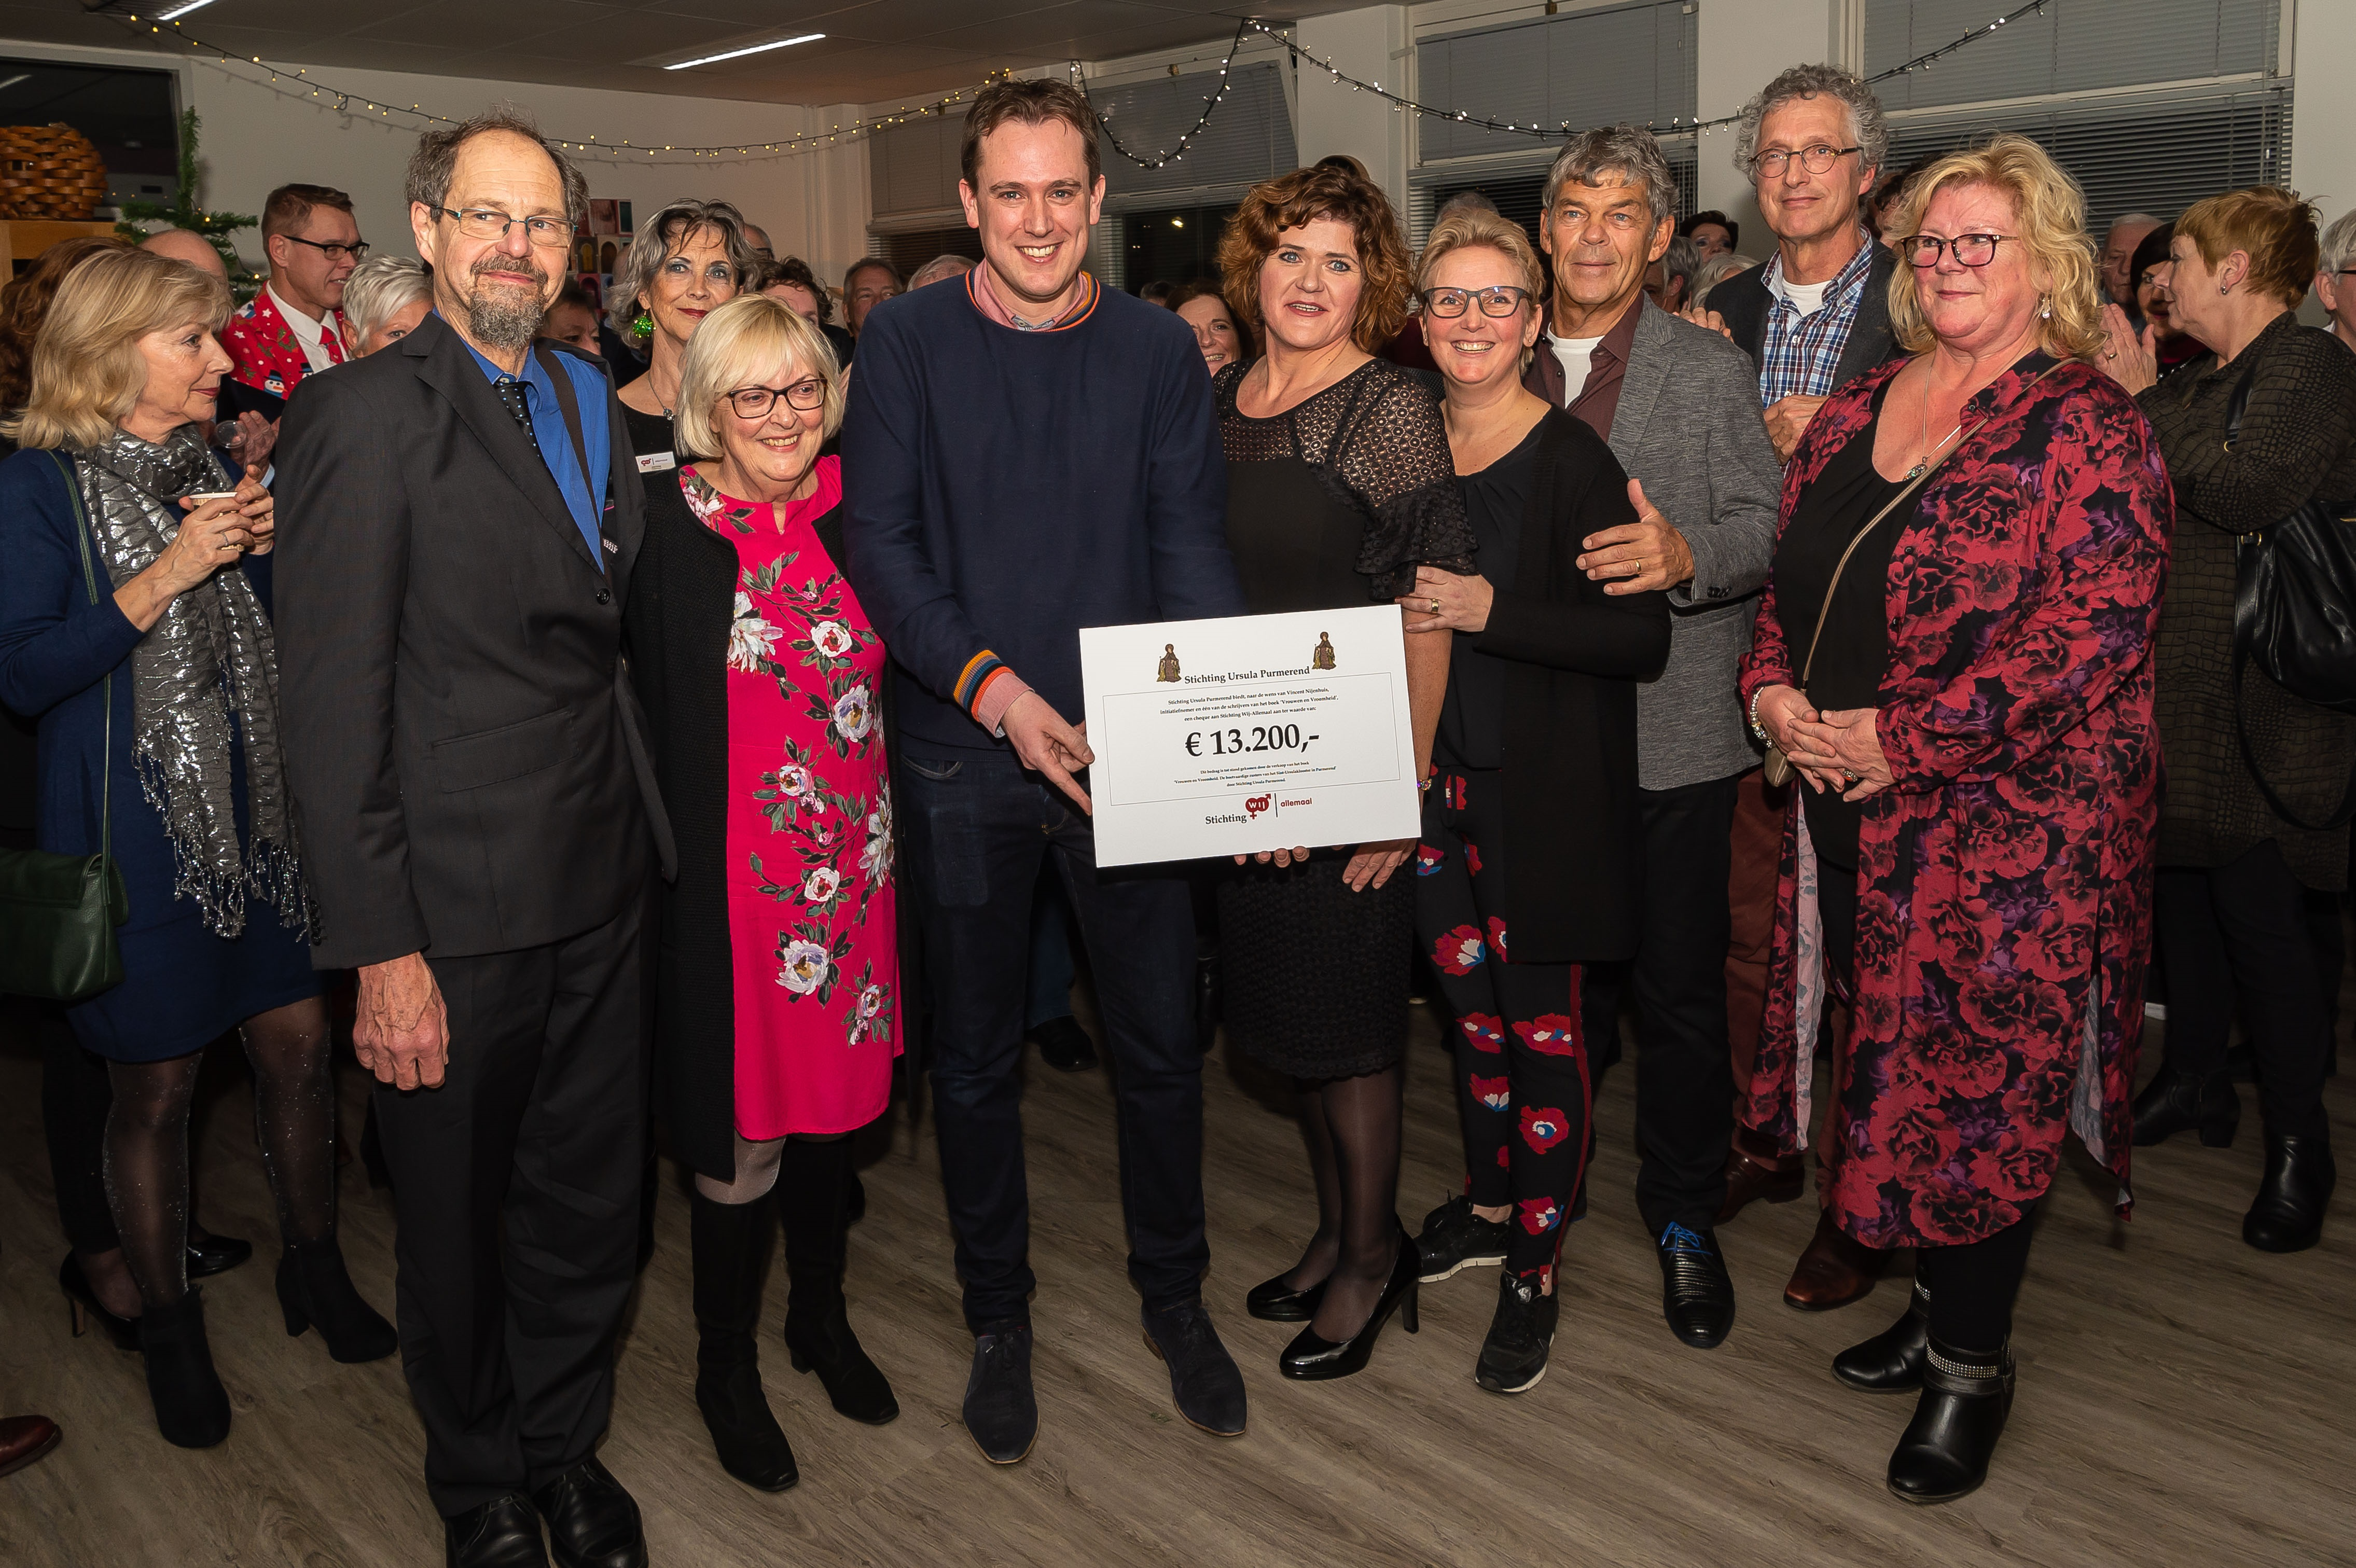 Uit naam van Stichting Ursula konden Geoffrey Nijenhuis en zijn moeder Marijke Nijenhuis een cheque van maar liefst  € 13.200,-  schenken aan inloophuis Wij Allemaal. (Foto: Han Giskes)  rodi.nl © rodi